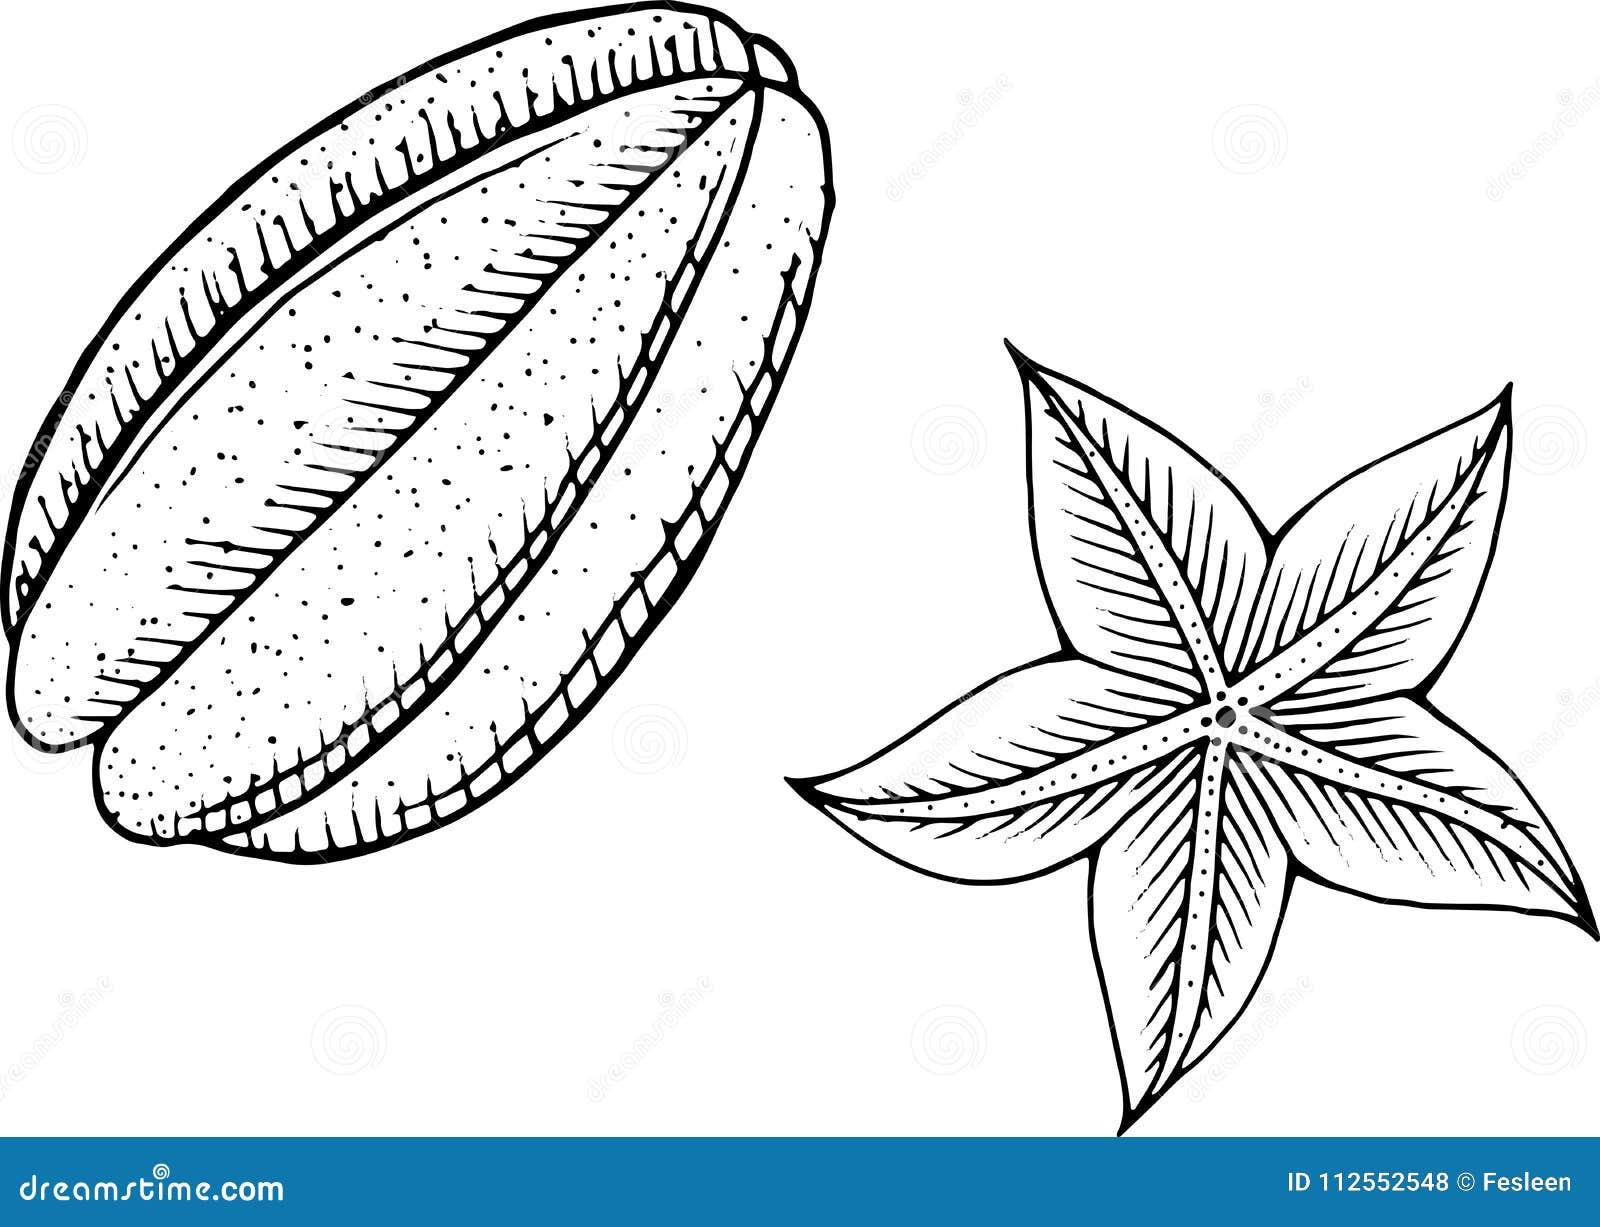 Página Del Colorante De Starfruit Línea Arte Para Los Libros